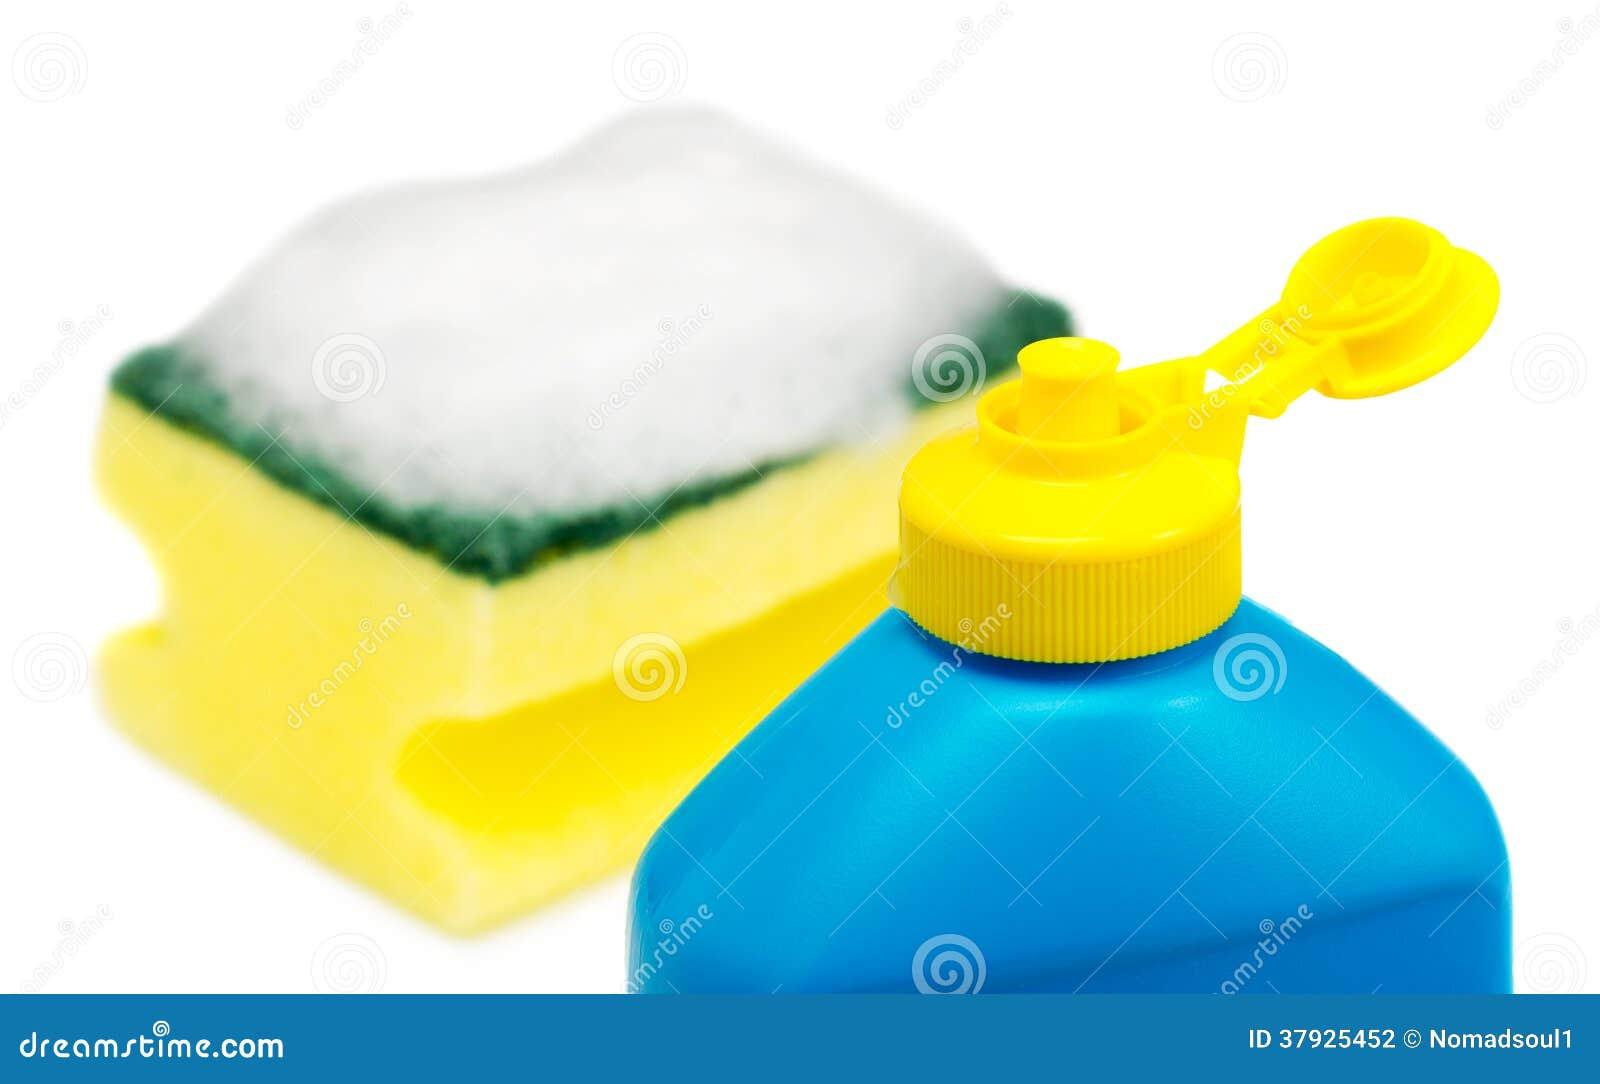 Жидкость и губка Dishwashing